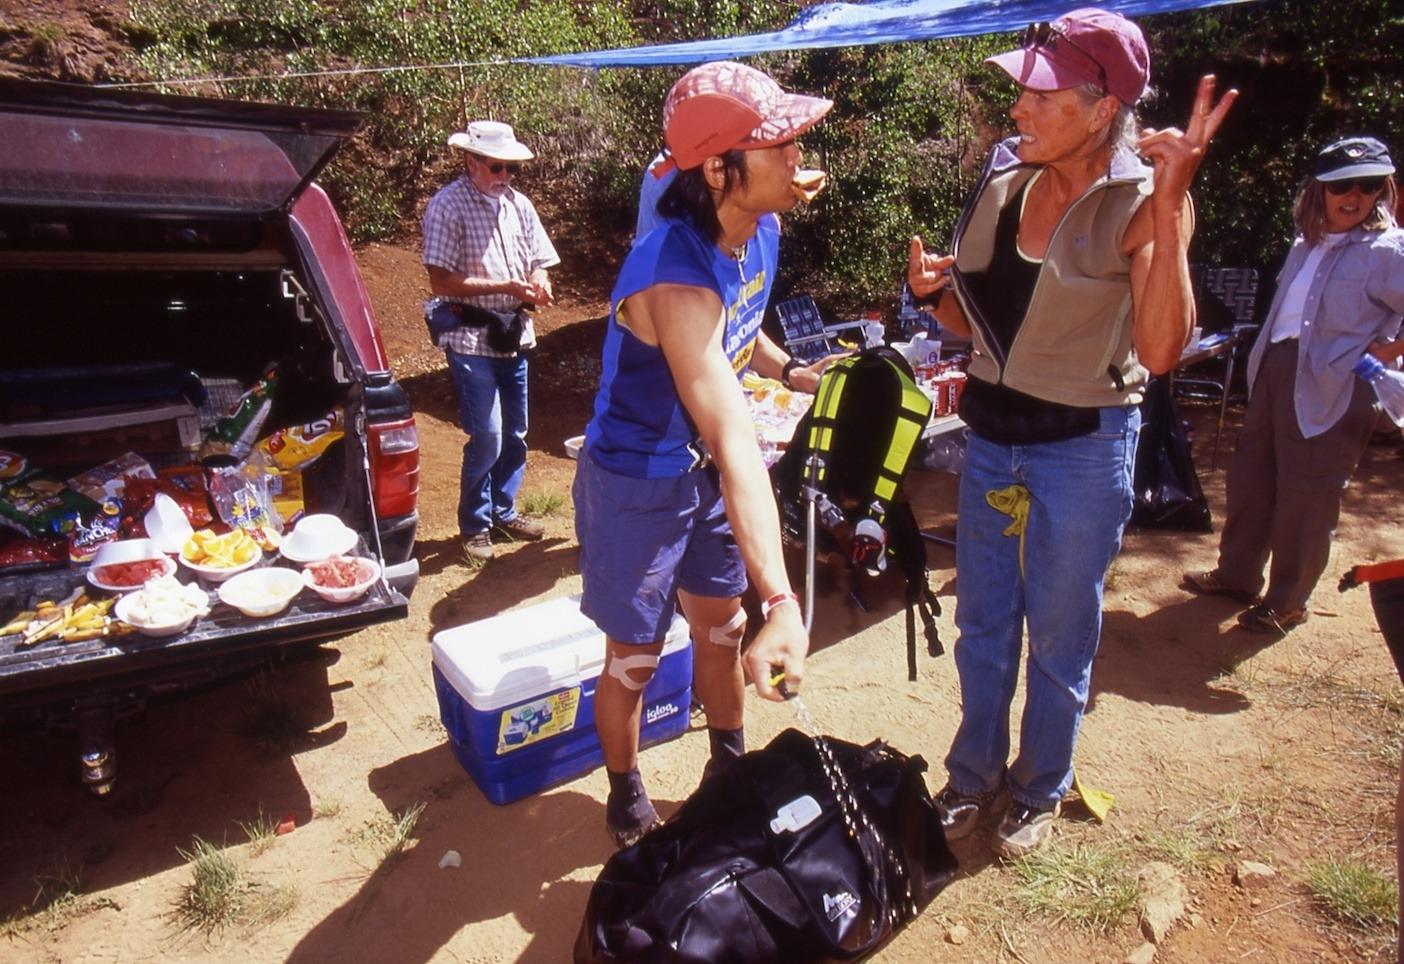 アメリカの100マイルレース「Hard Rock Endurance Run」でコースの情報をスタッフに聞く(2004年)。アメリカのレースをラウンドしてきた経験が国内のレース運用に活かされている。